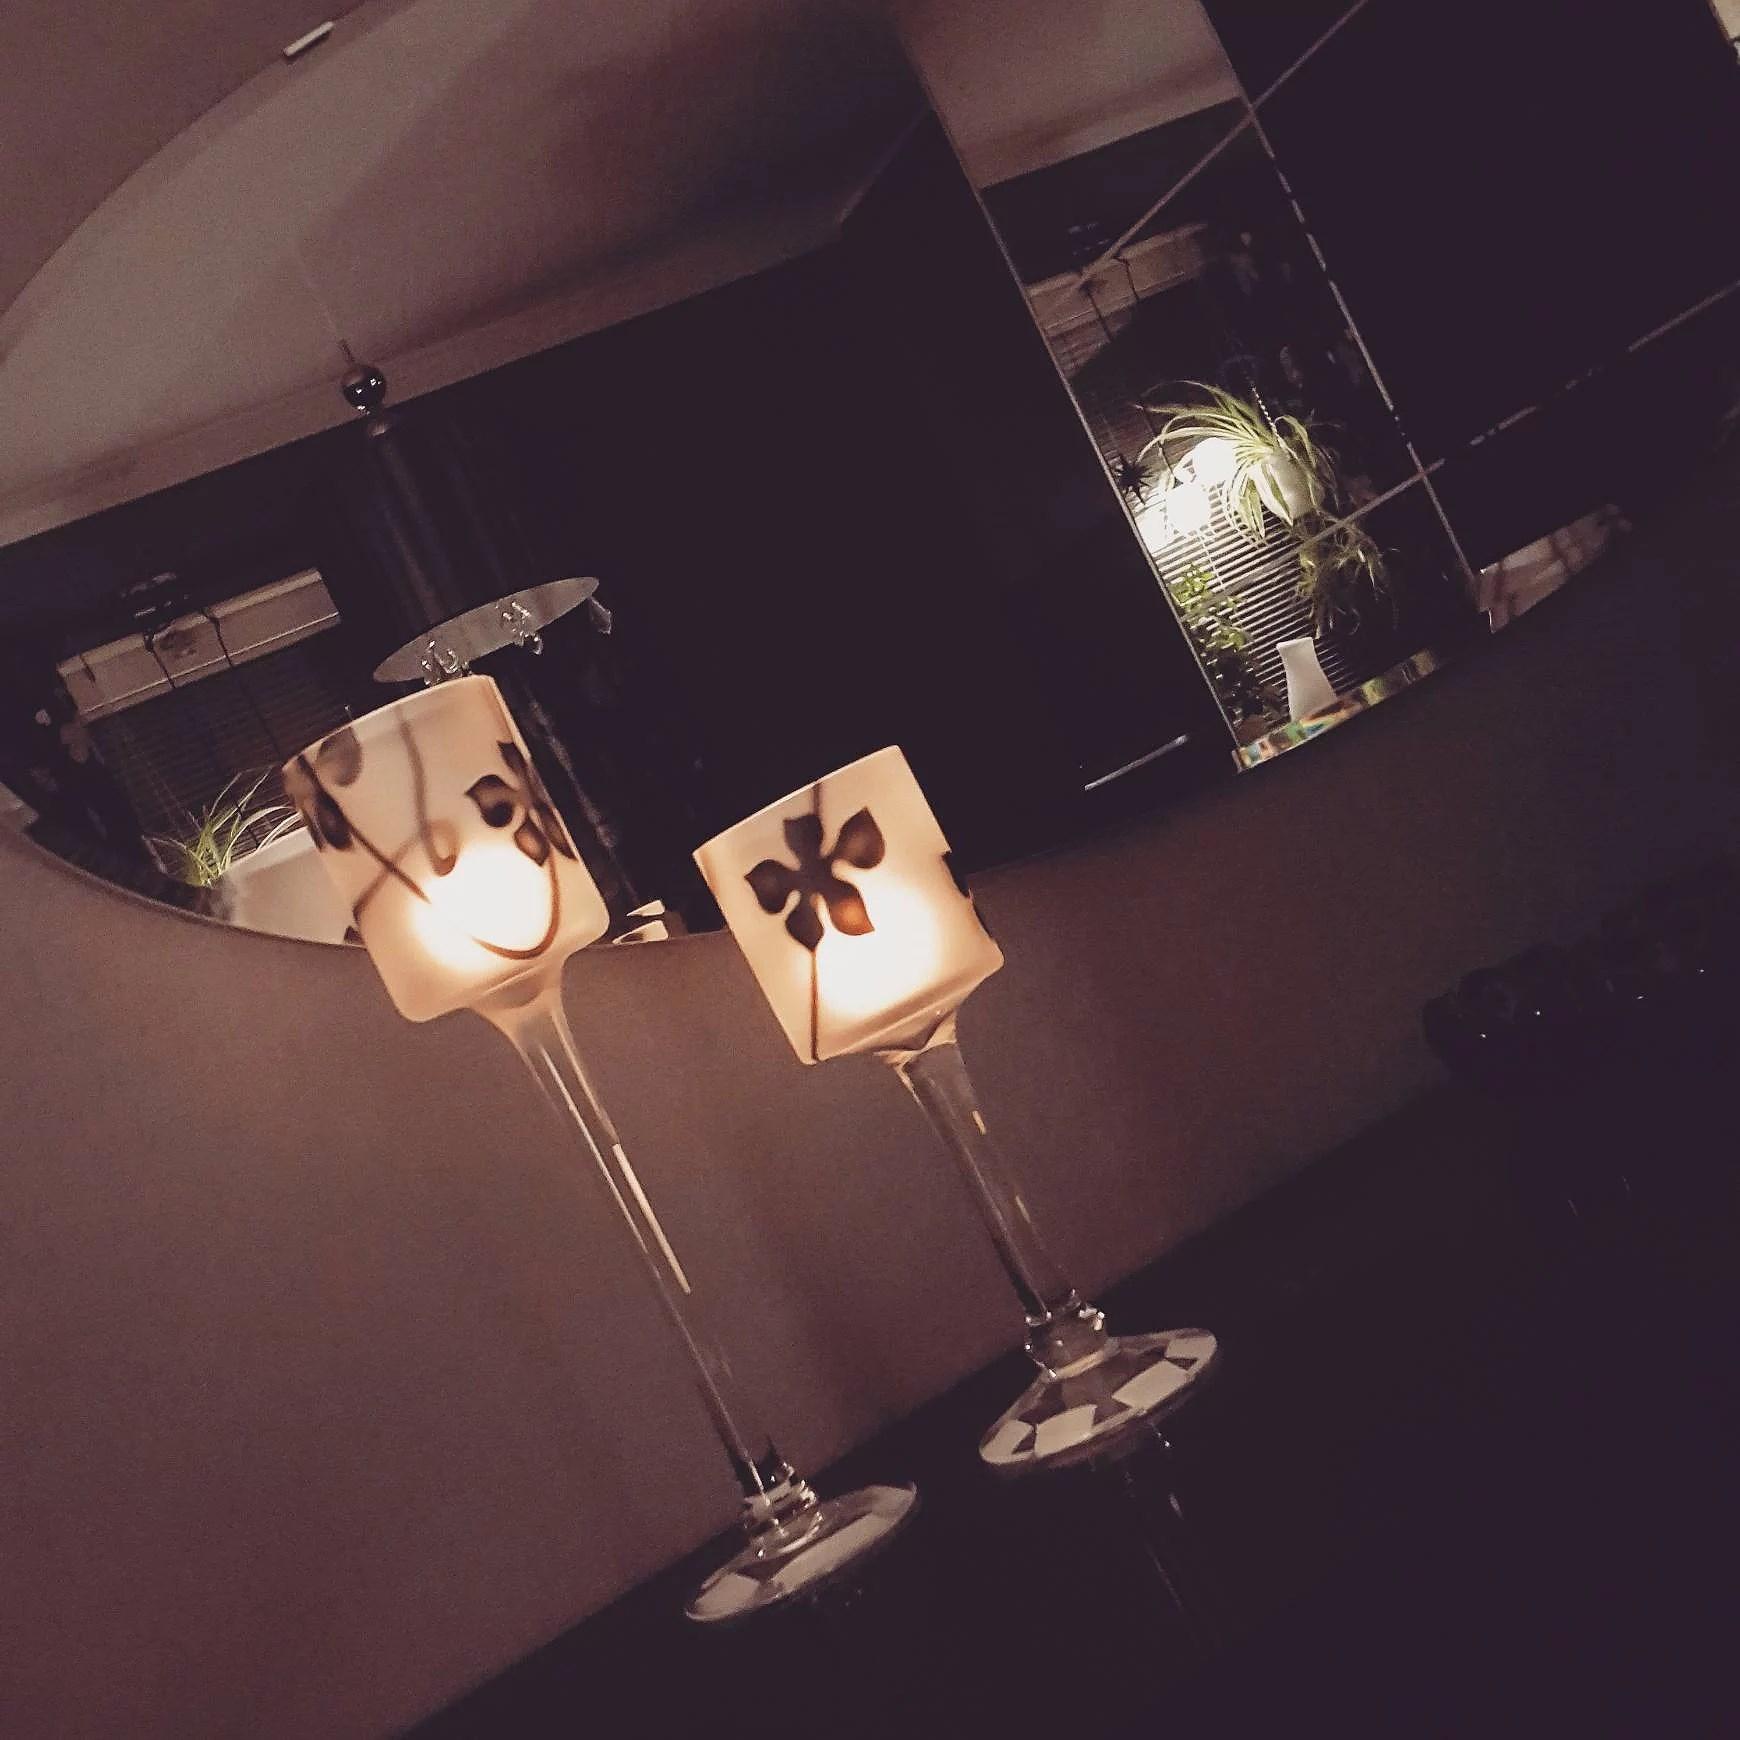 Myspys - godnatt ♡